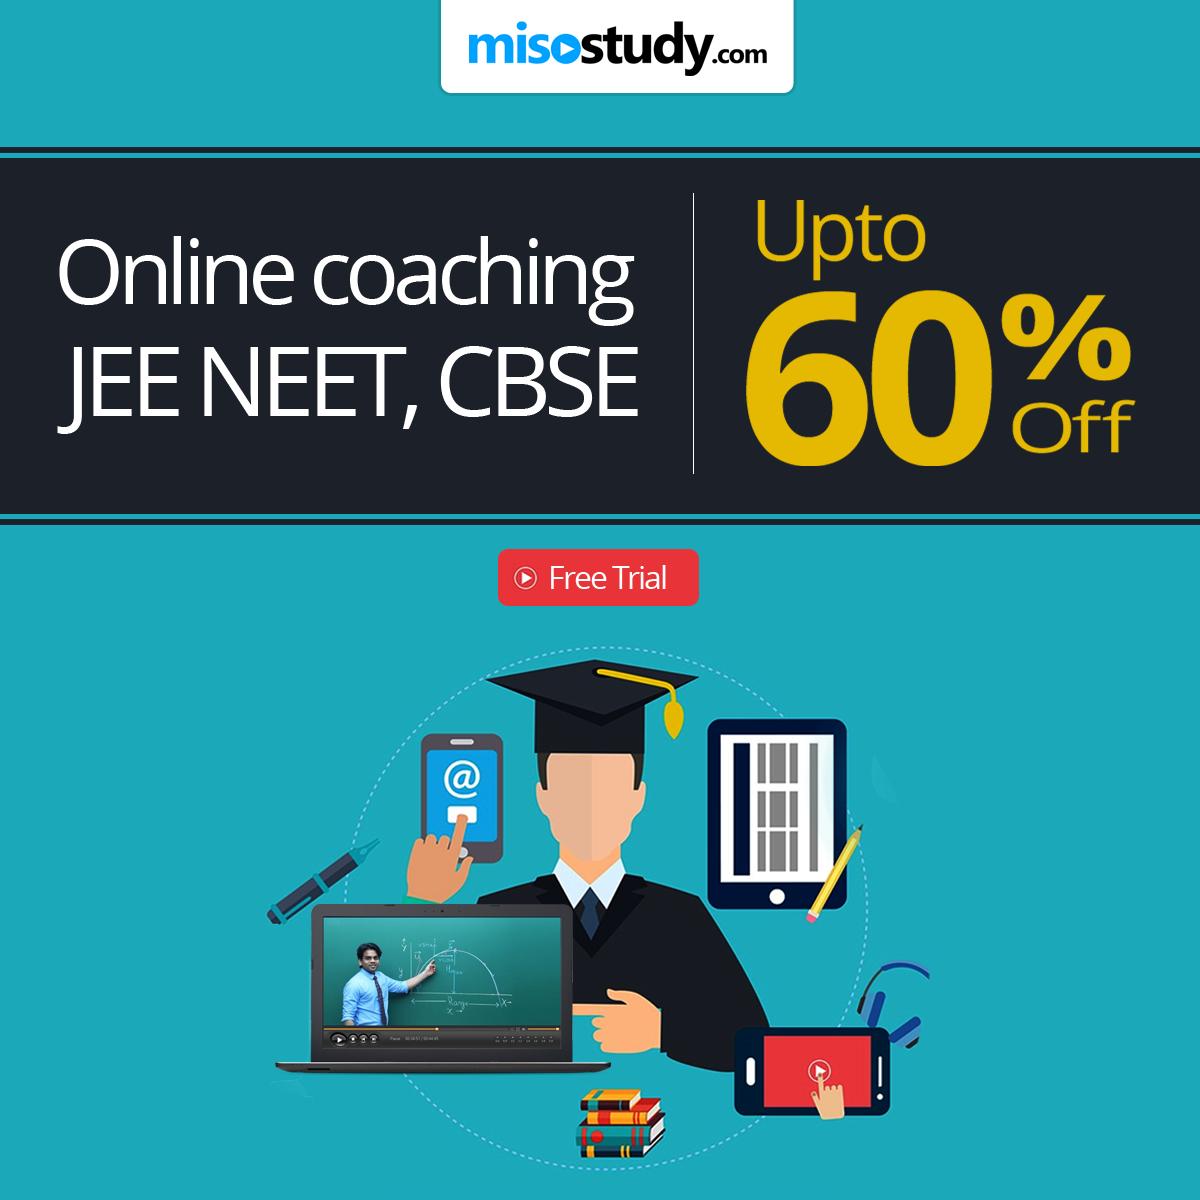 Jee Neet Cbse Online Coaching Misostudy Online Coaching Online Courses Faculties